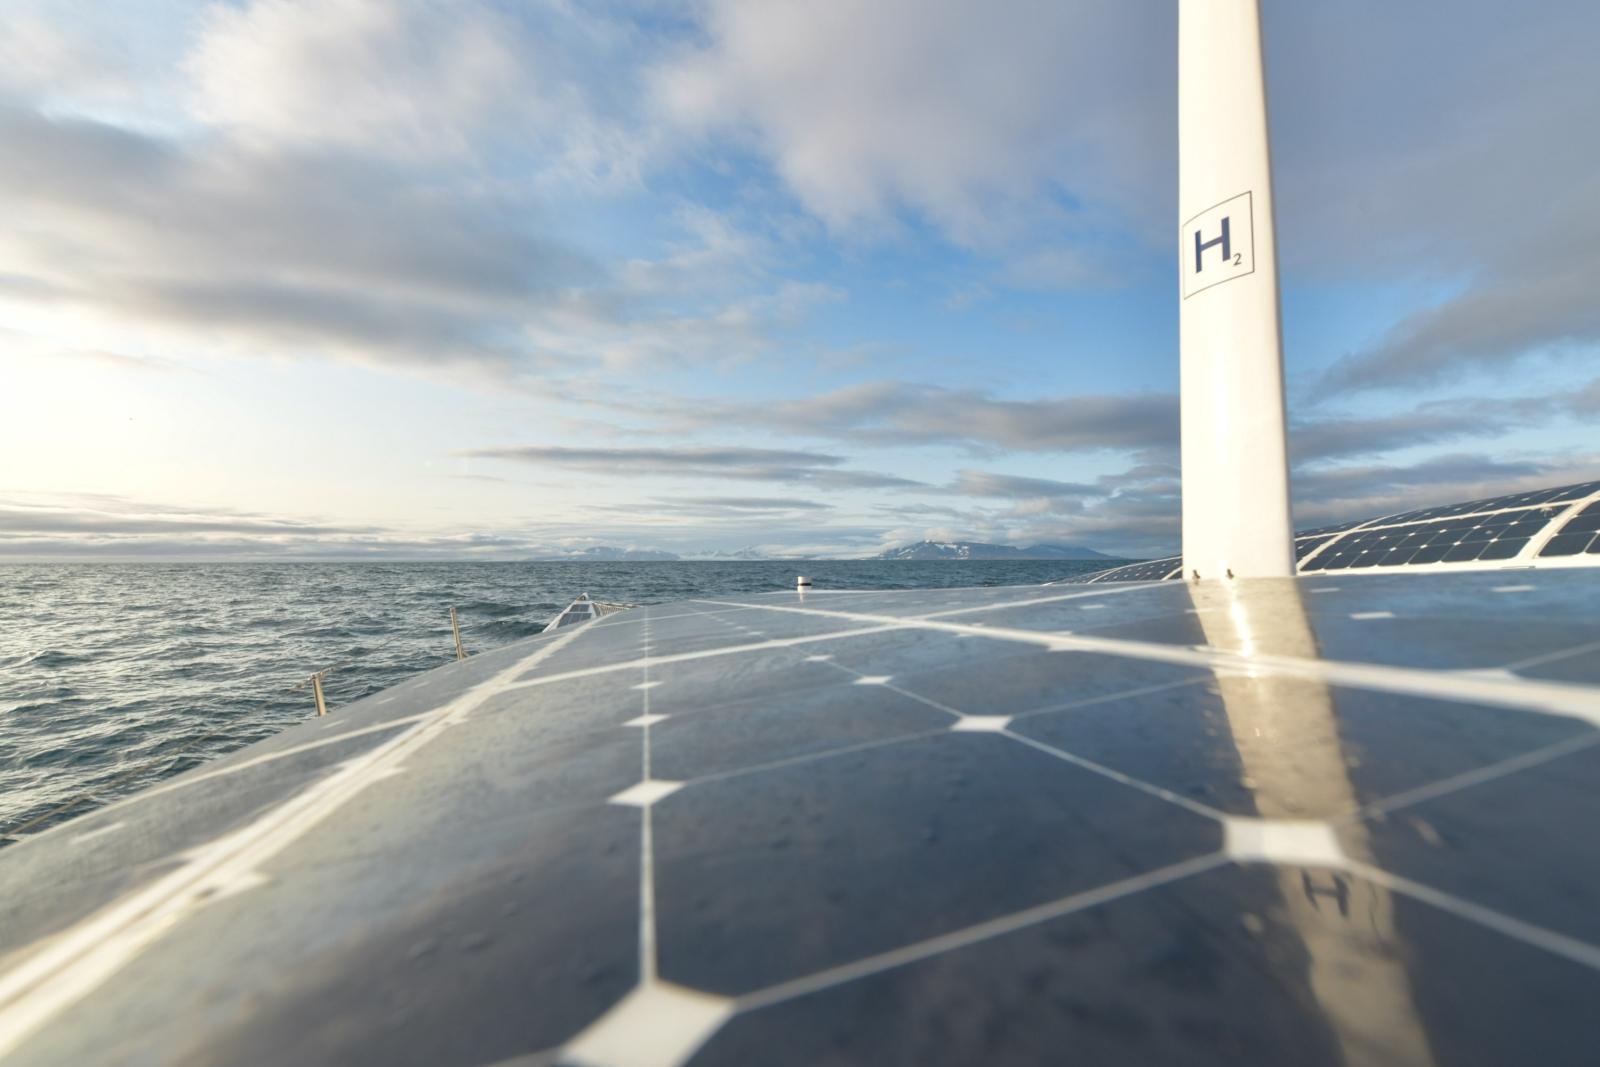 A hidrogén hajtású Energy Observer katamarán